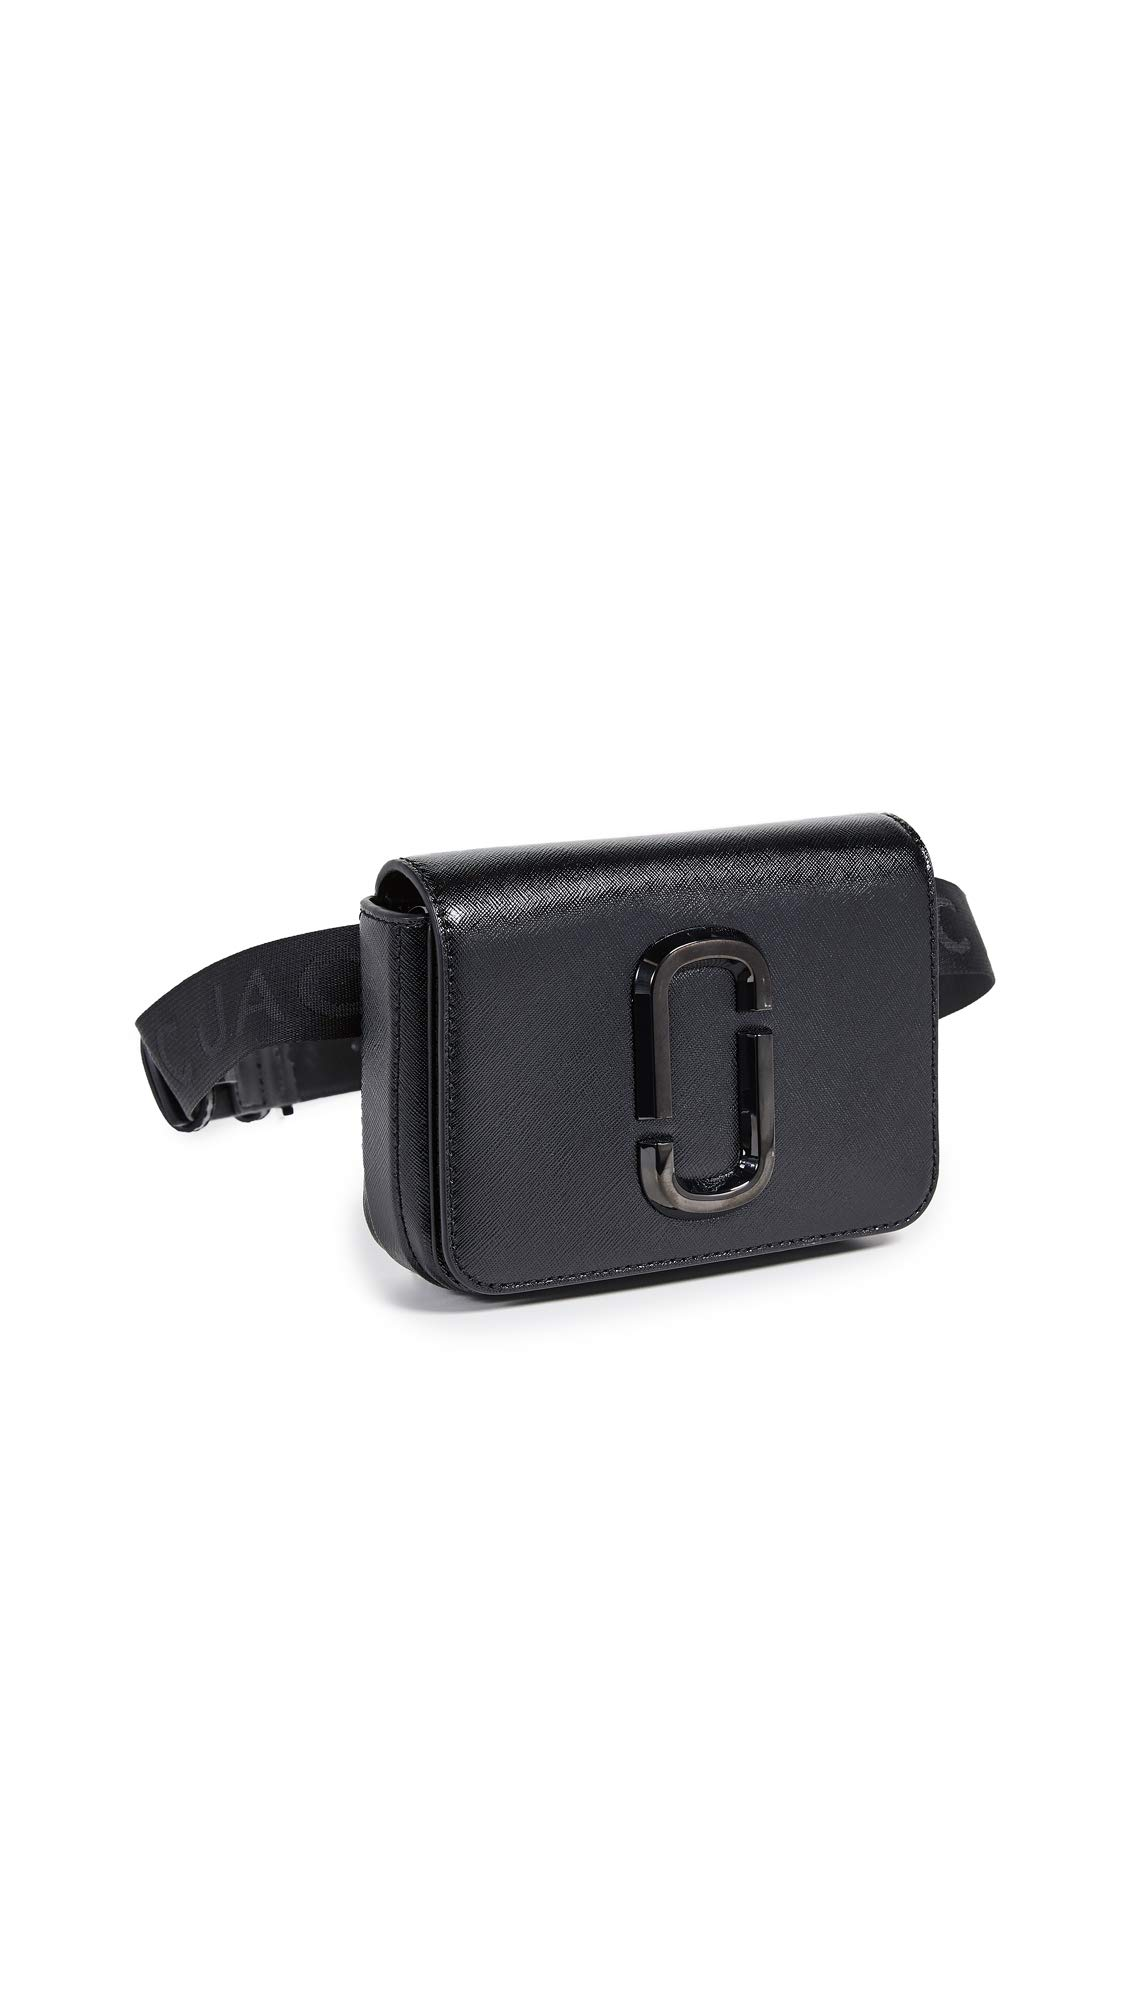 Marc Jacobs Women's XS/S Hip Shot DTM Belt Bag, Black, One Size